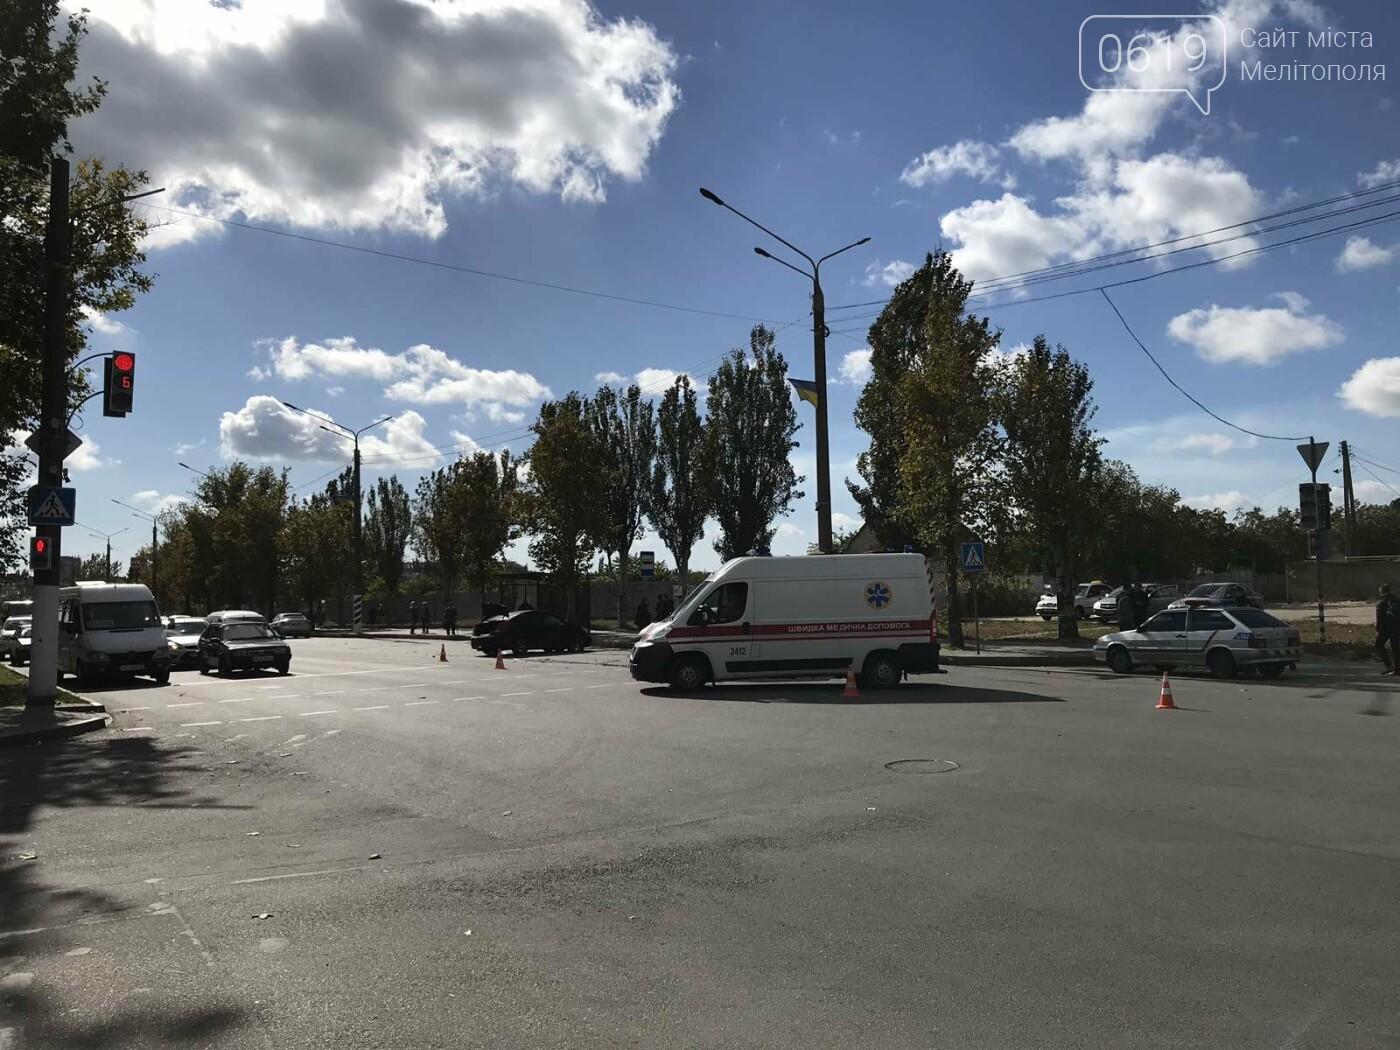 В Мелитополе произошло ДТП с пострадавшими, - ФОТО, ВИДЕО, фото-2